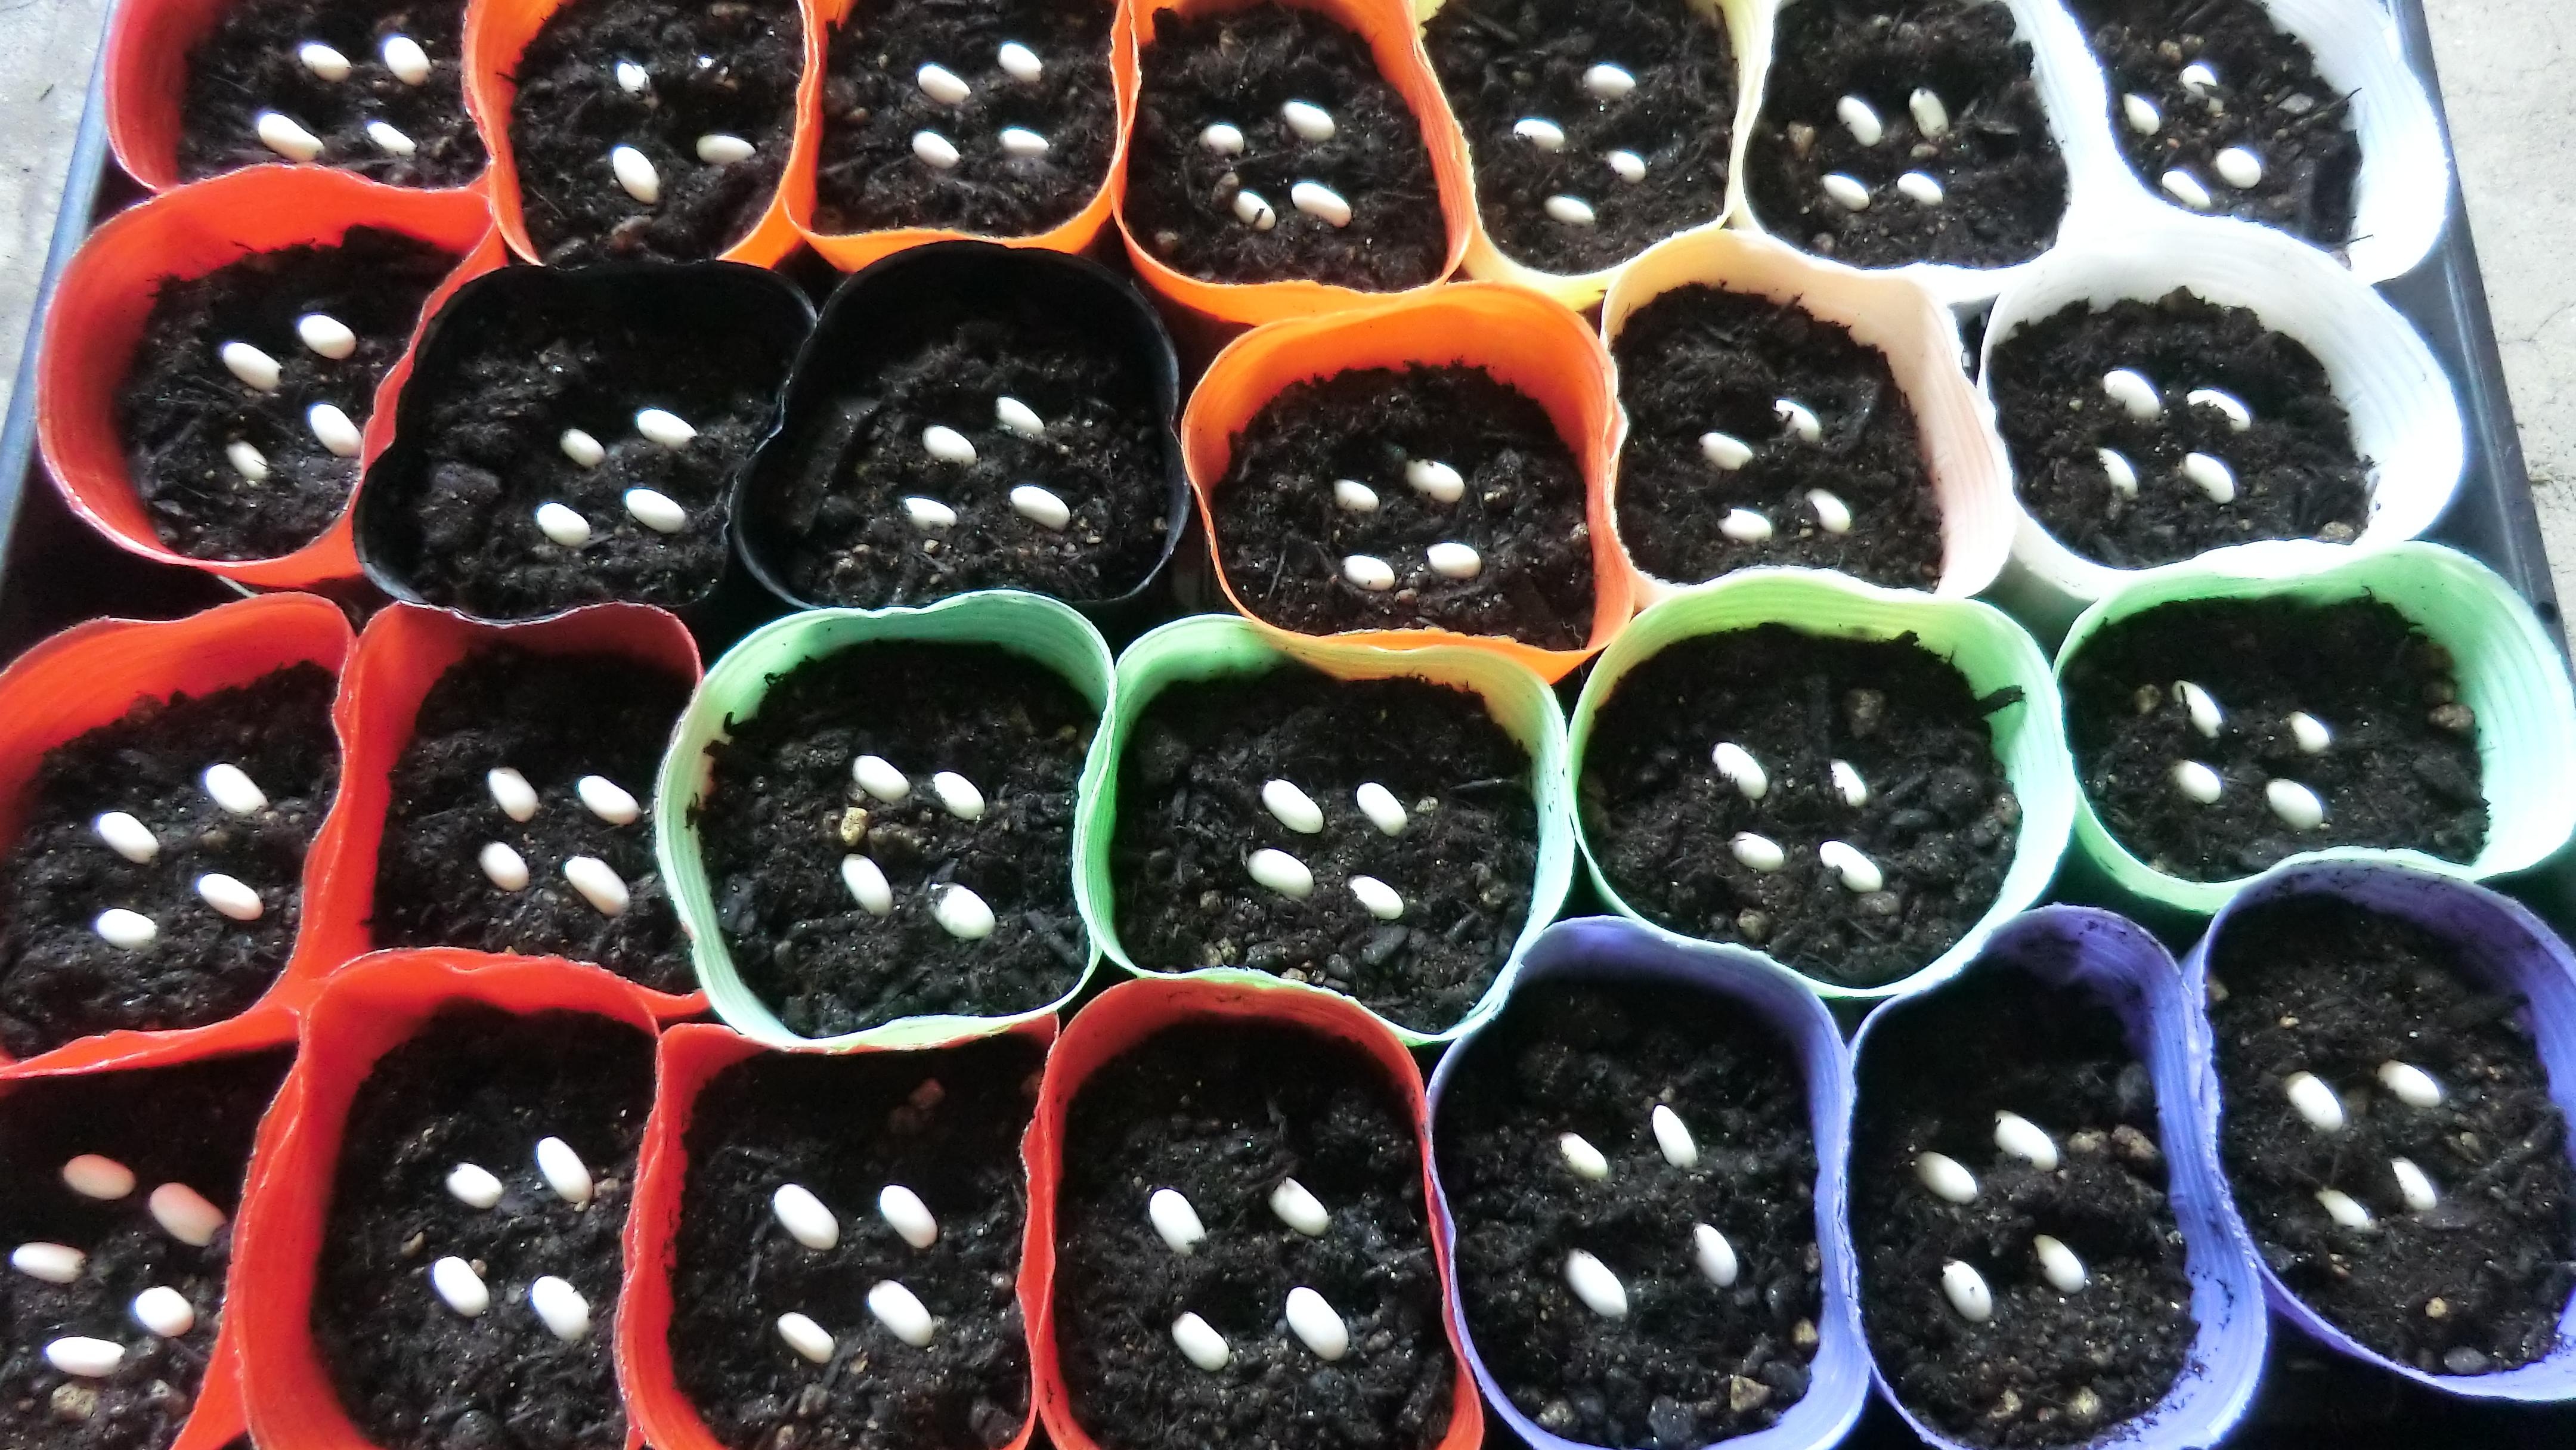 インゲンのを3号ポットに種まき。一ポットに4粒。